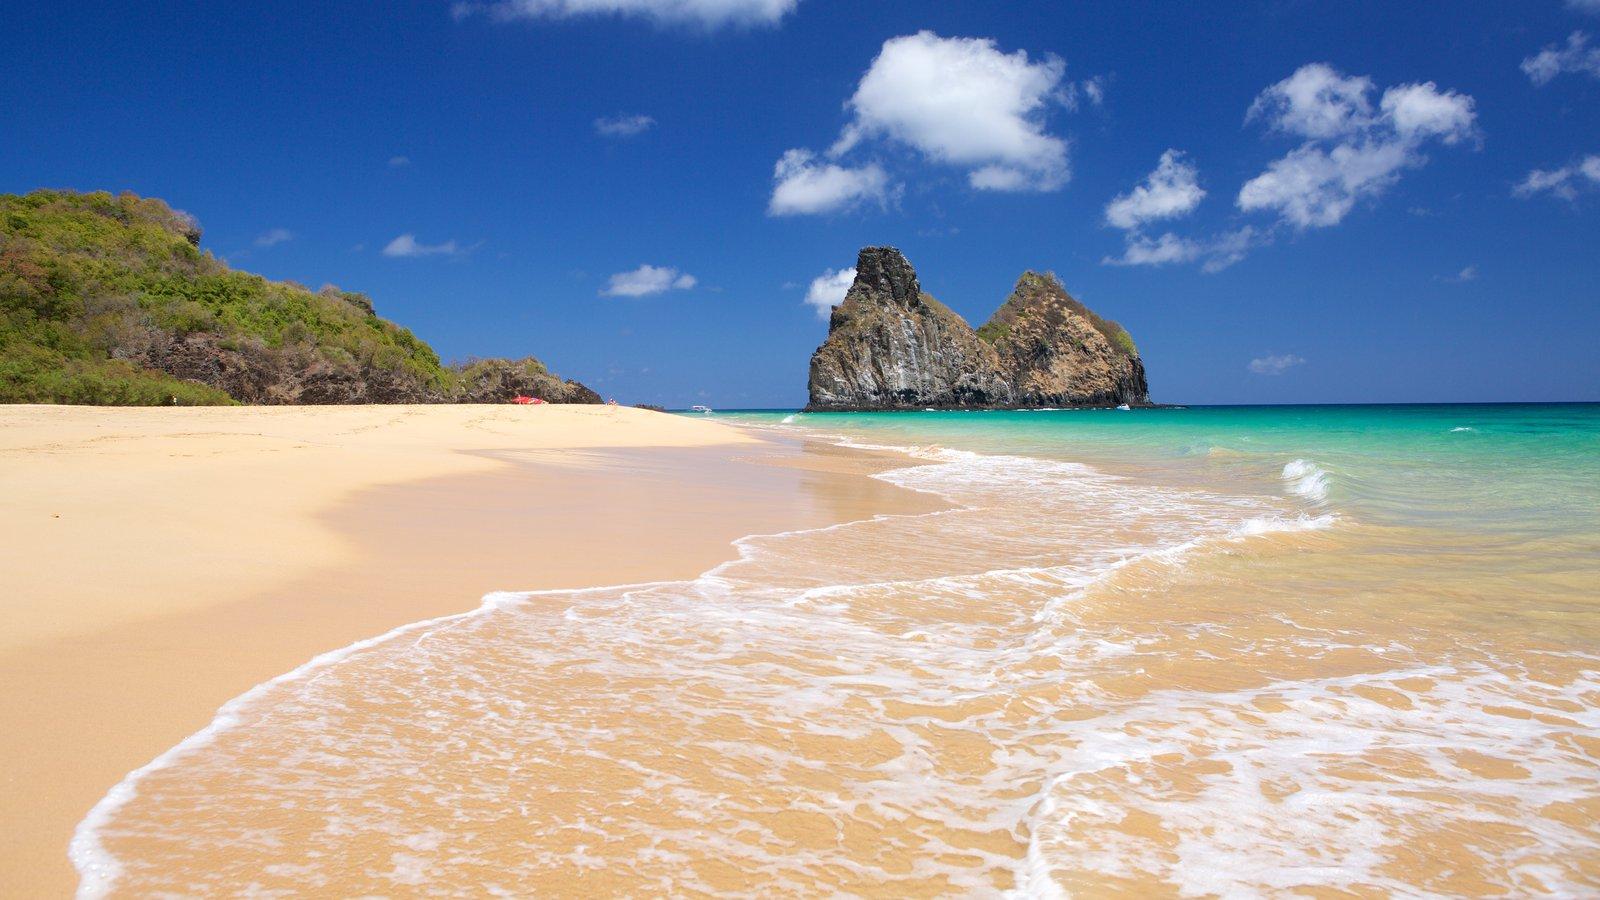 Praia Cacimba do Padre mostrando uma praia, paisagens da ilha e paisagens litorâneas